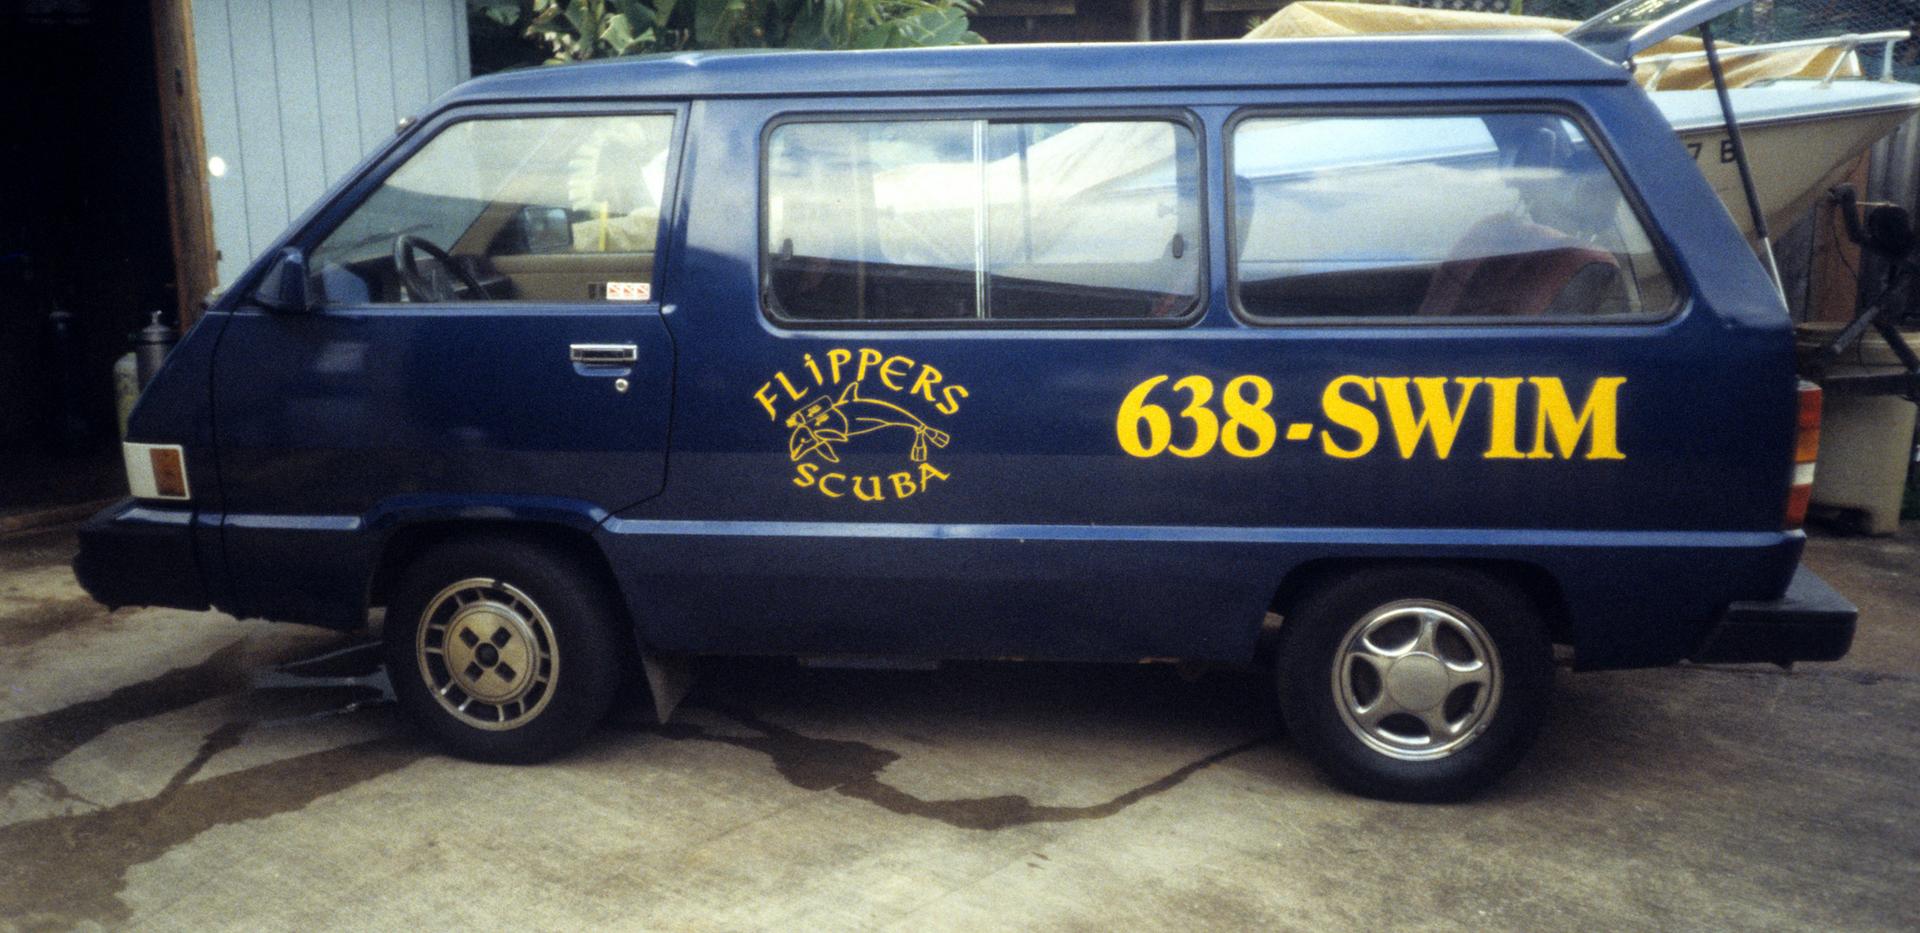 DE Story Flippers Van.png